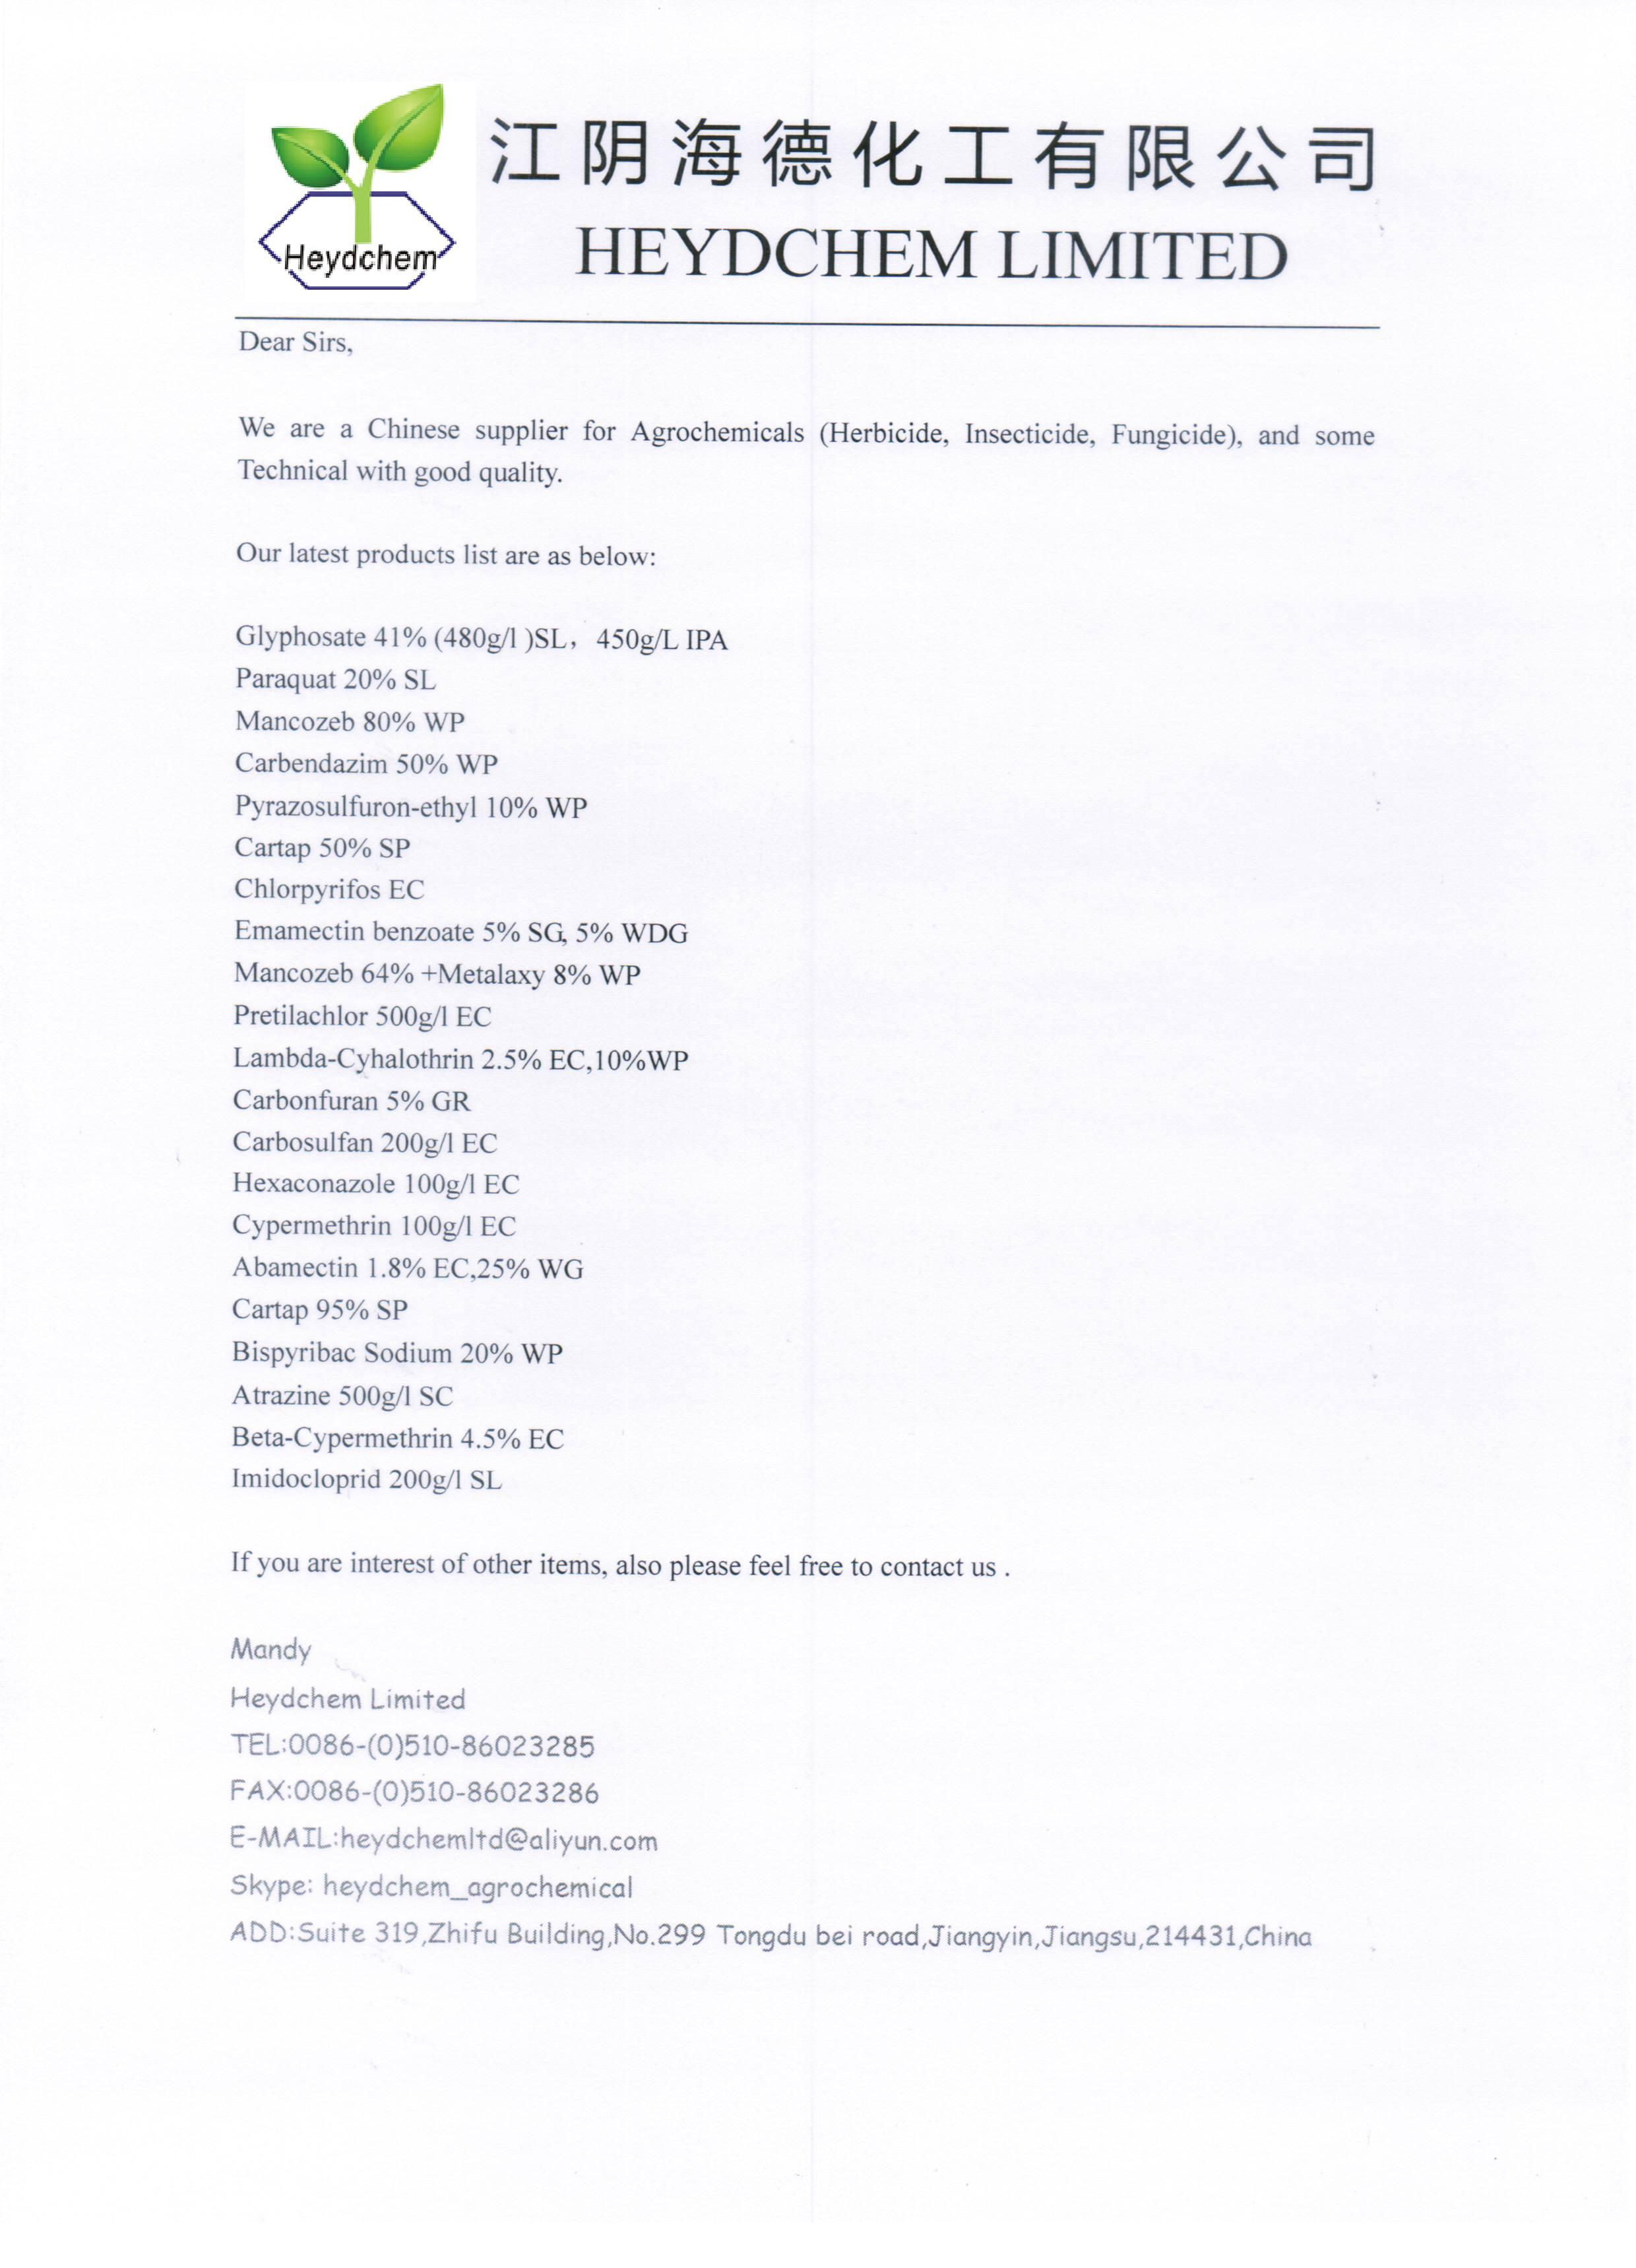 Imidocloprid 200g/l SL